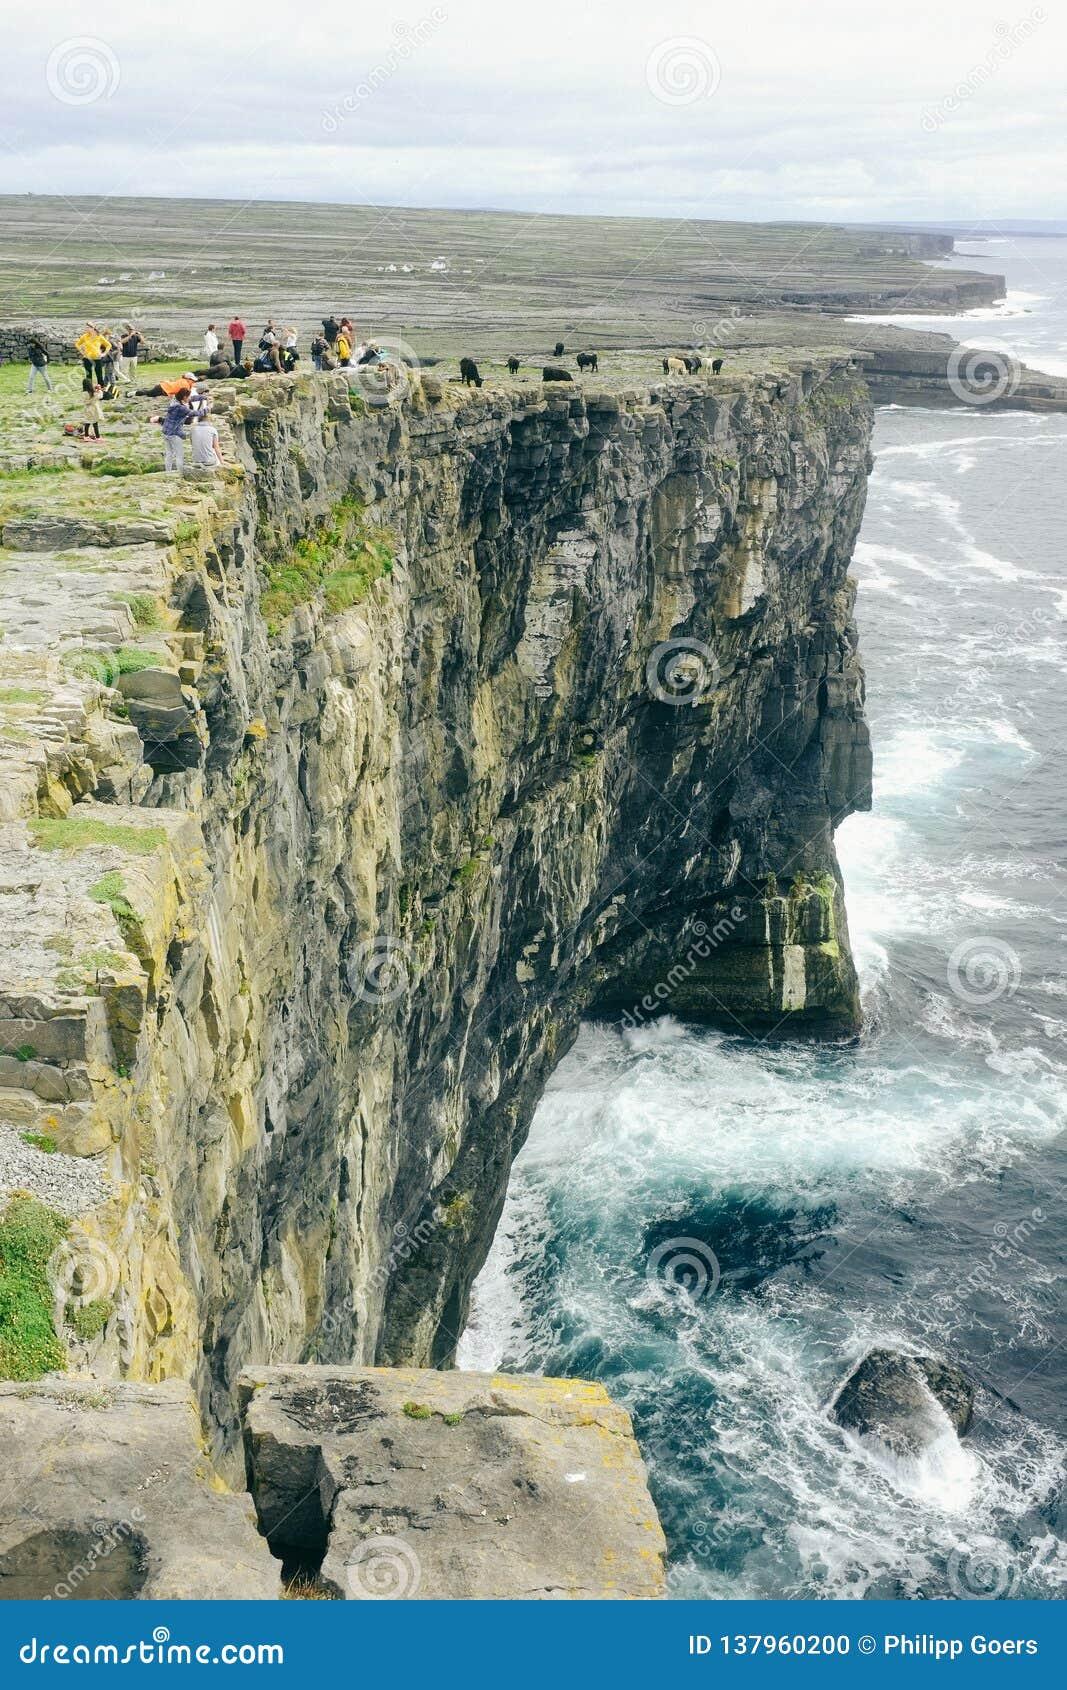 Οι τουρίστες κοιτάζουν θαρραλέα κάτω από έναν απότομο βράχο